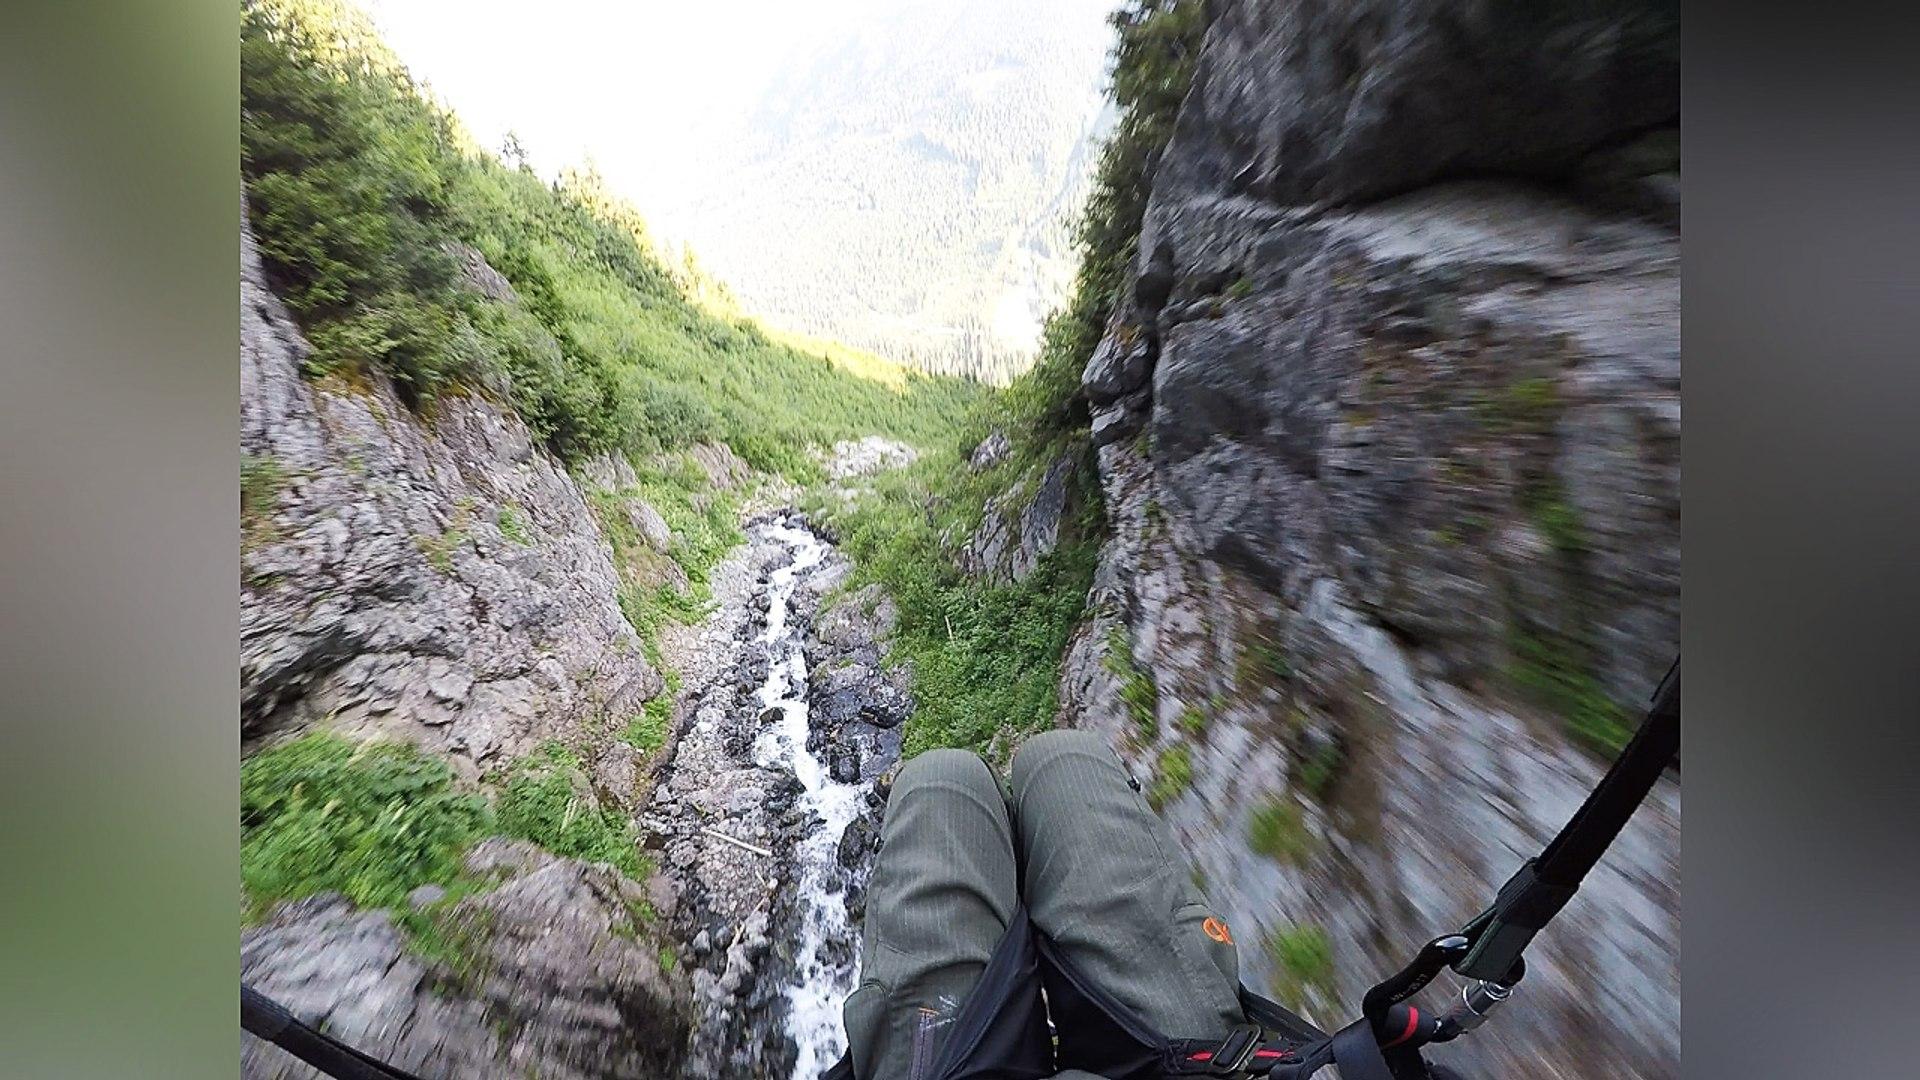 Impresionante velocidad bajando una montaña